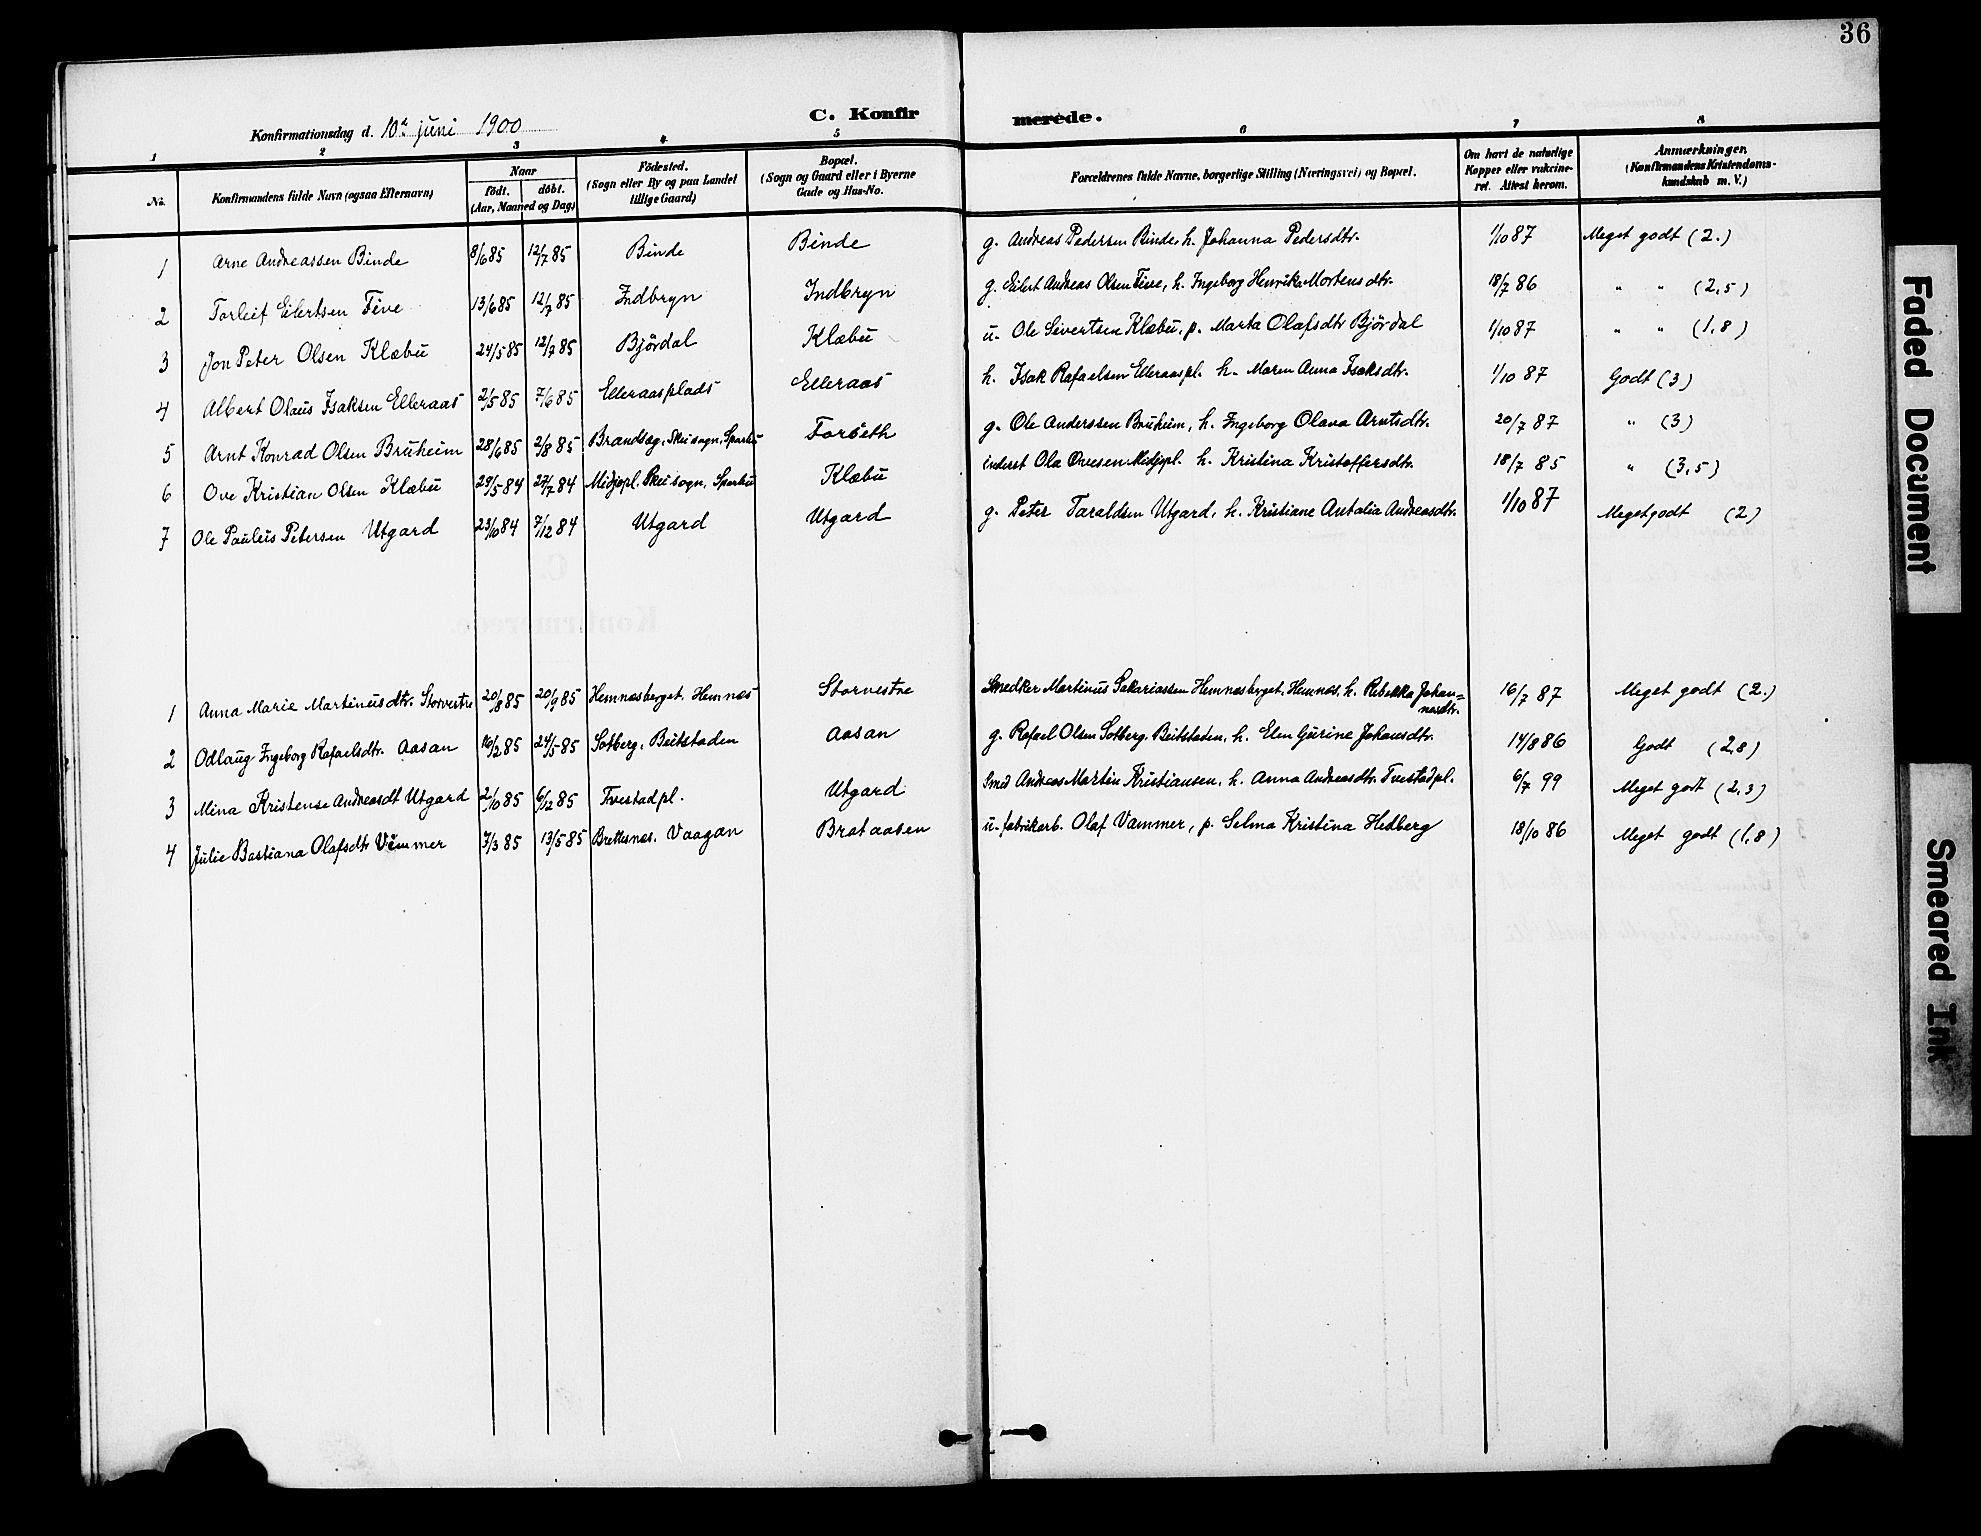 SAT, Ministerialprotokoller, klokkerbøker og fødselsregistre - Nord-Trøndelag, 746/L0452: Ministerialbok nr. 746A09, 1900-1908, s. 36